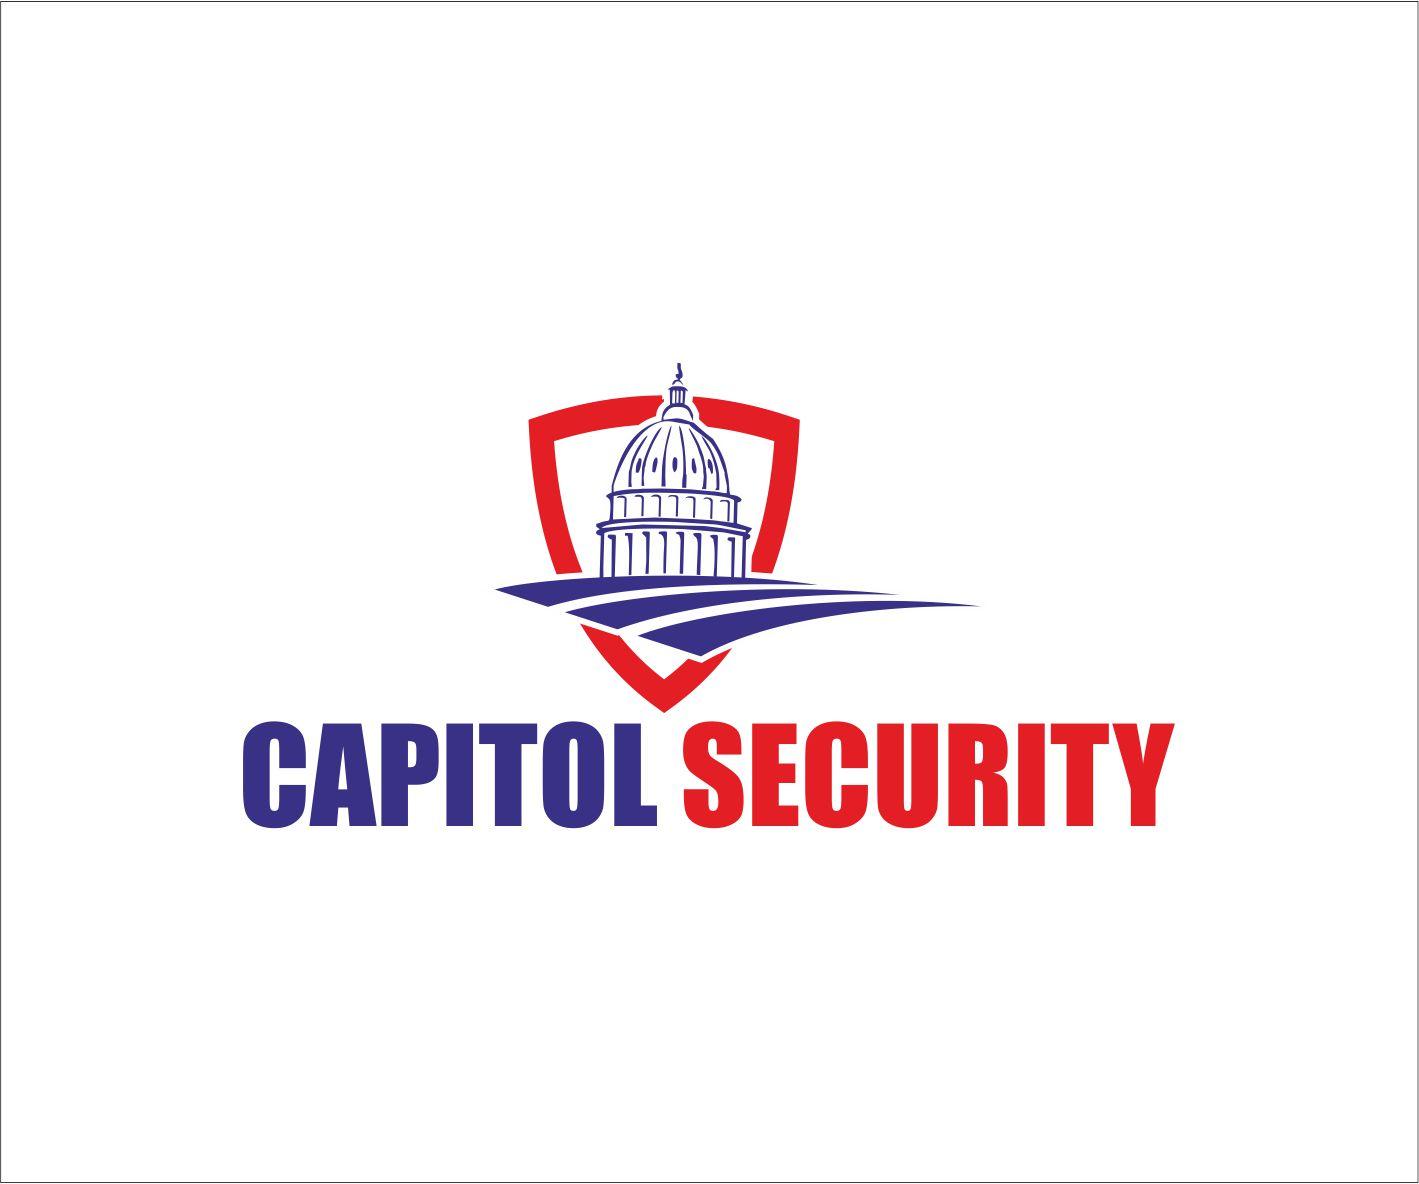 it company logo design for capitol security by stranger design 9790352. Black Bedroom Furniture Sets. Home Design Ideas